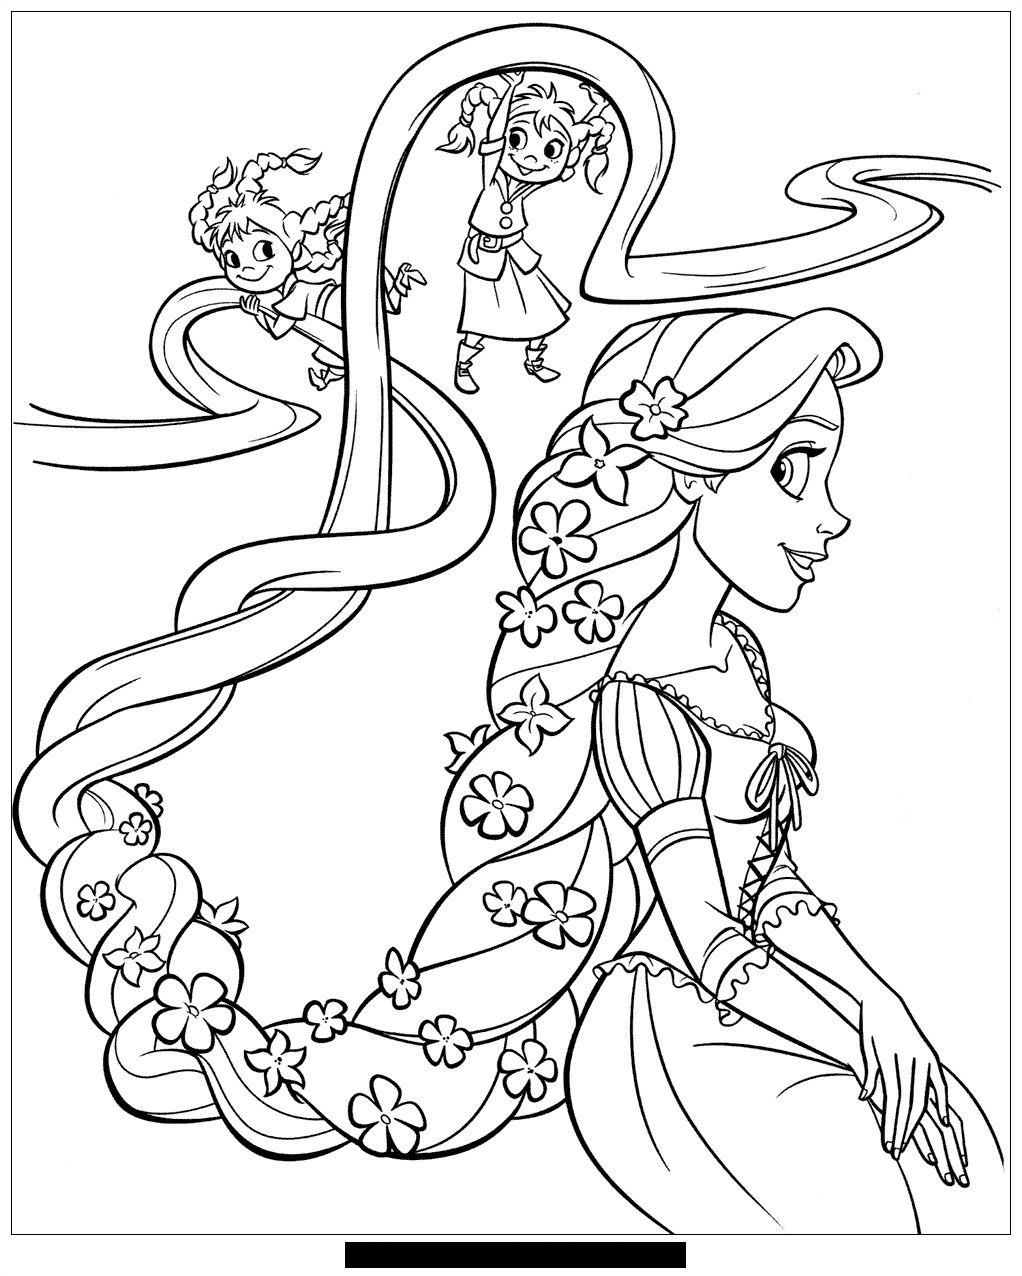 26 Incroyable Coloriage À Imprimer Princesse Disney Images Check